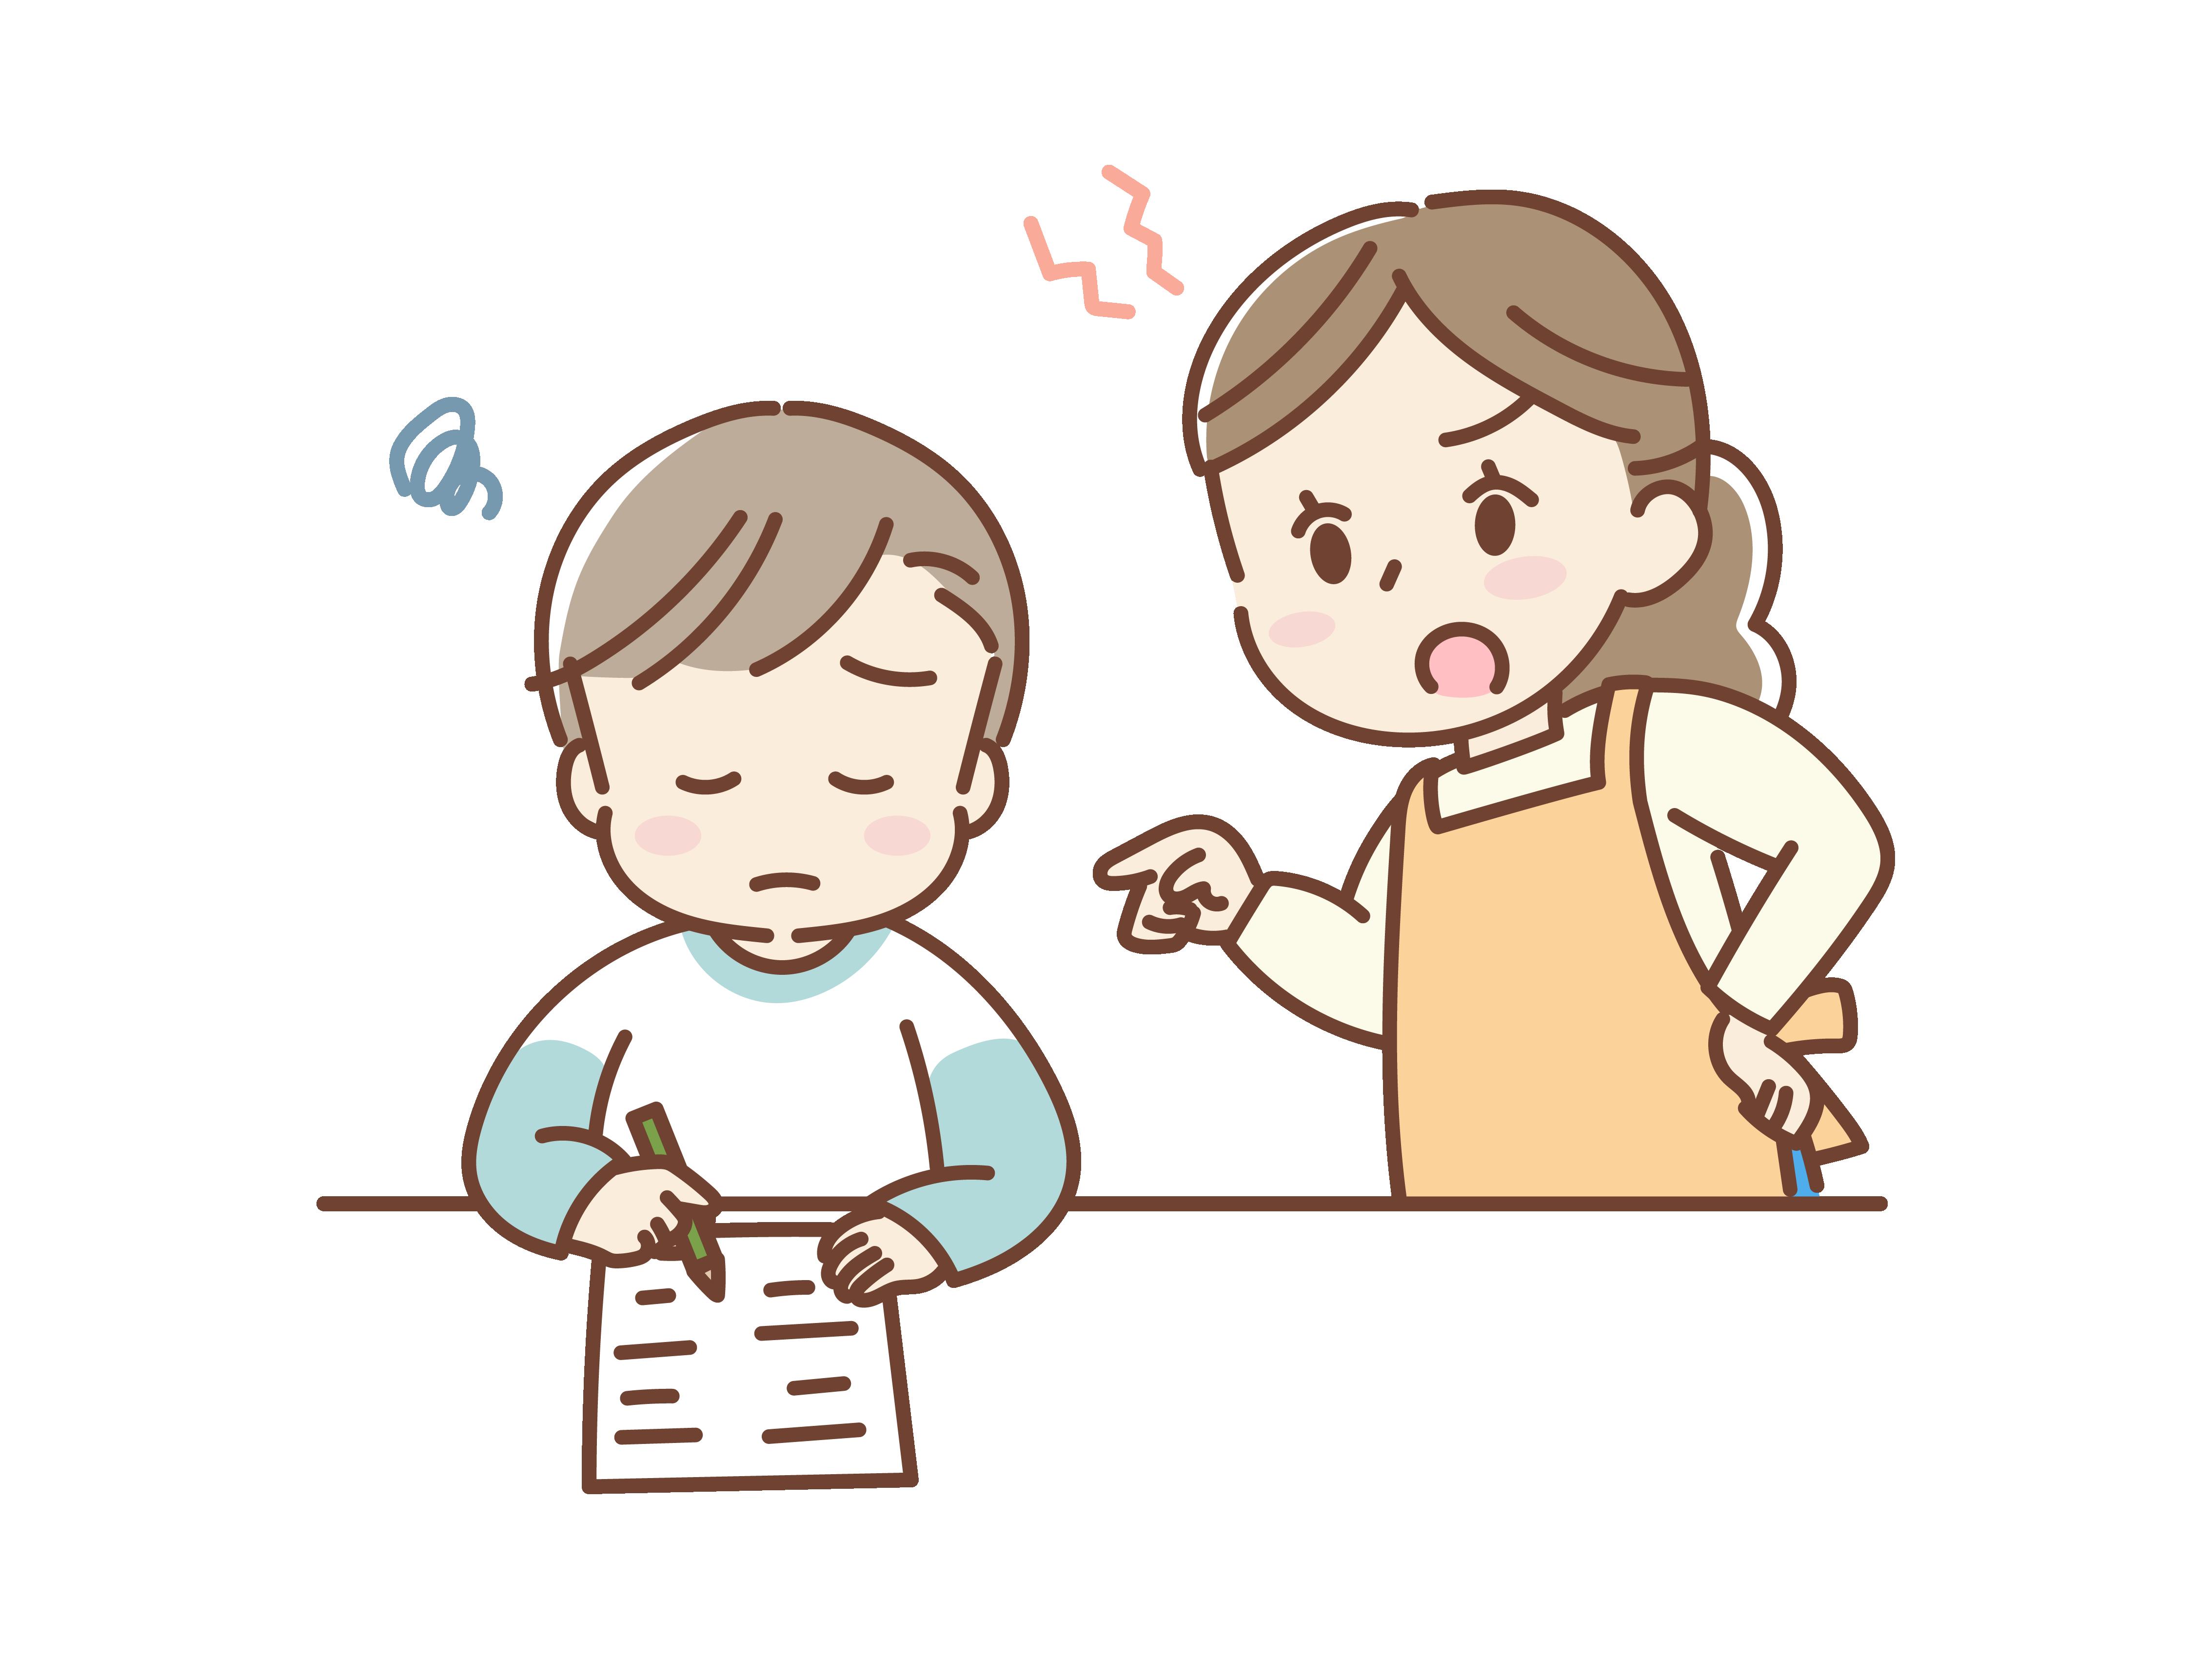 【オノマトペ】ガミガミの意味と例文